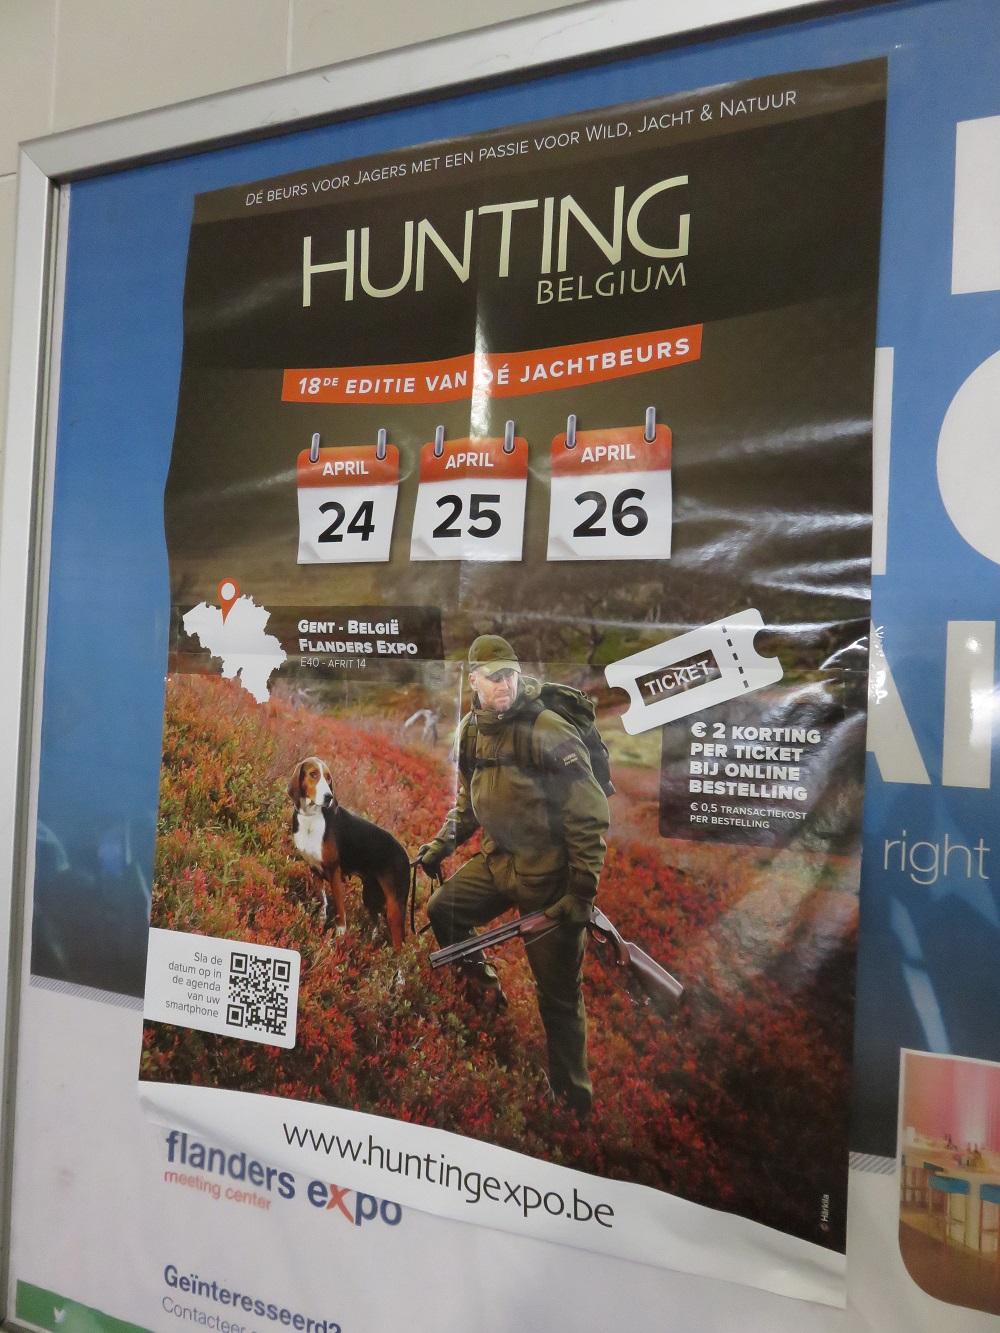 Huntingexpo, April 2015, Ghent, belgium